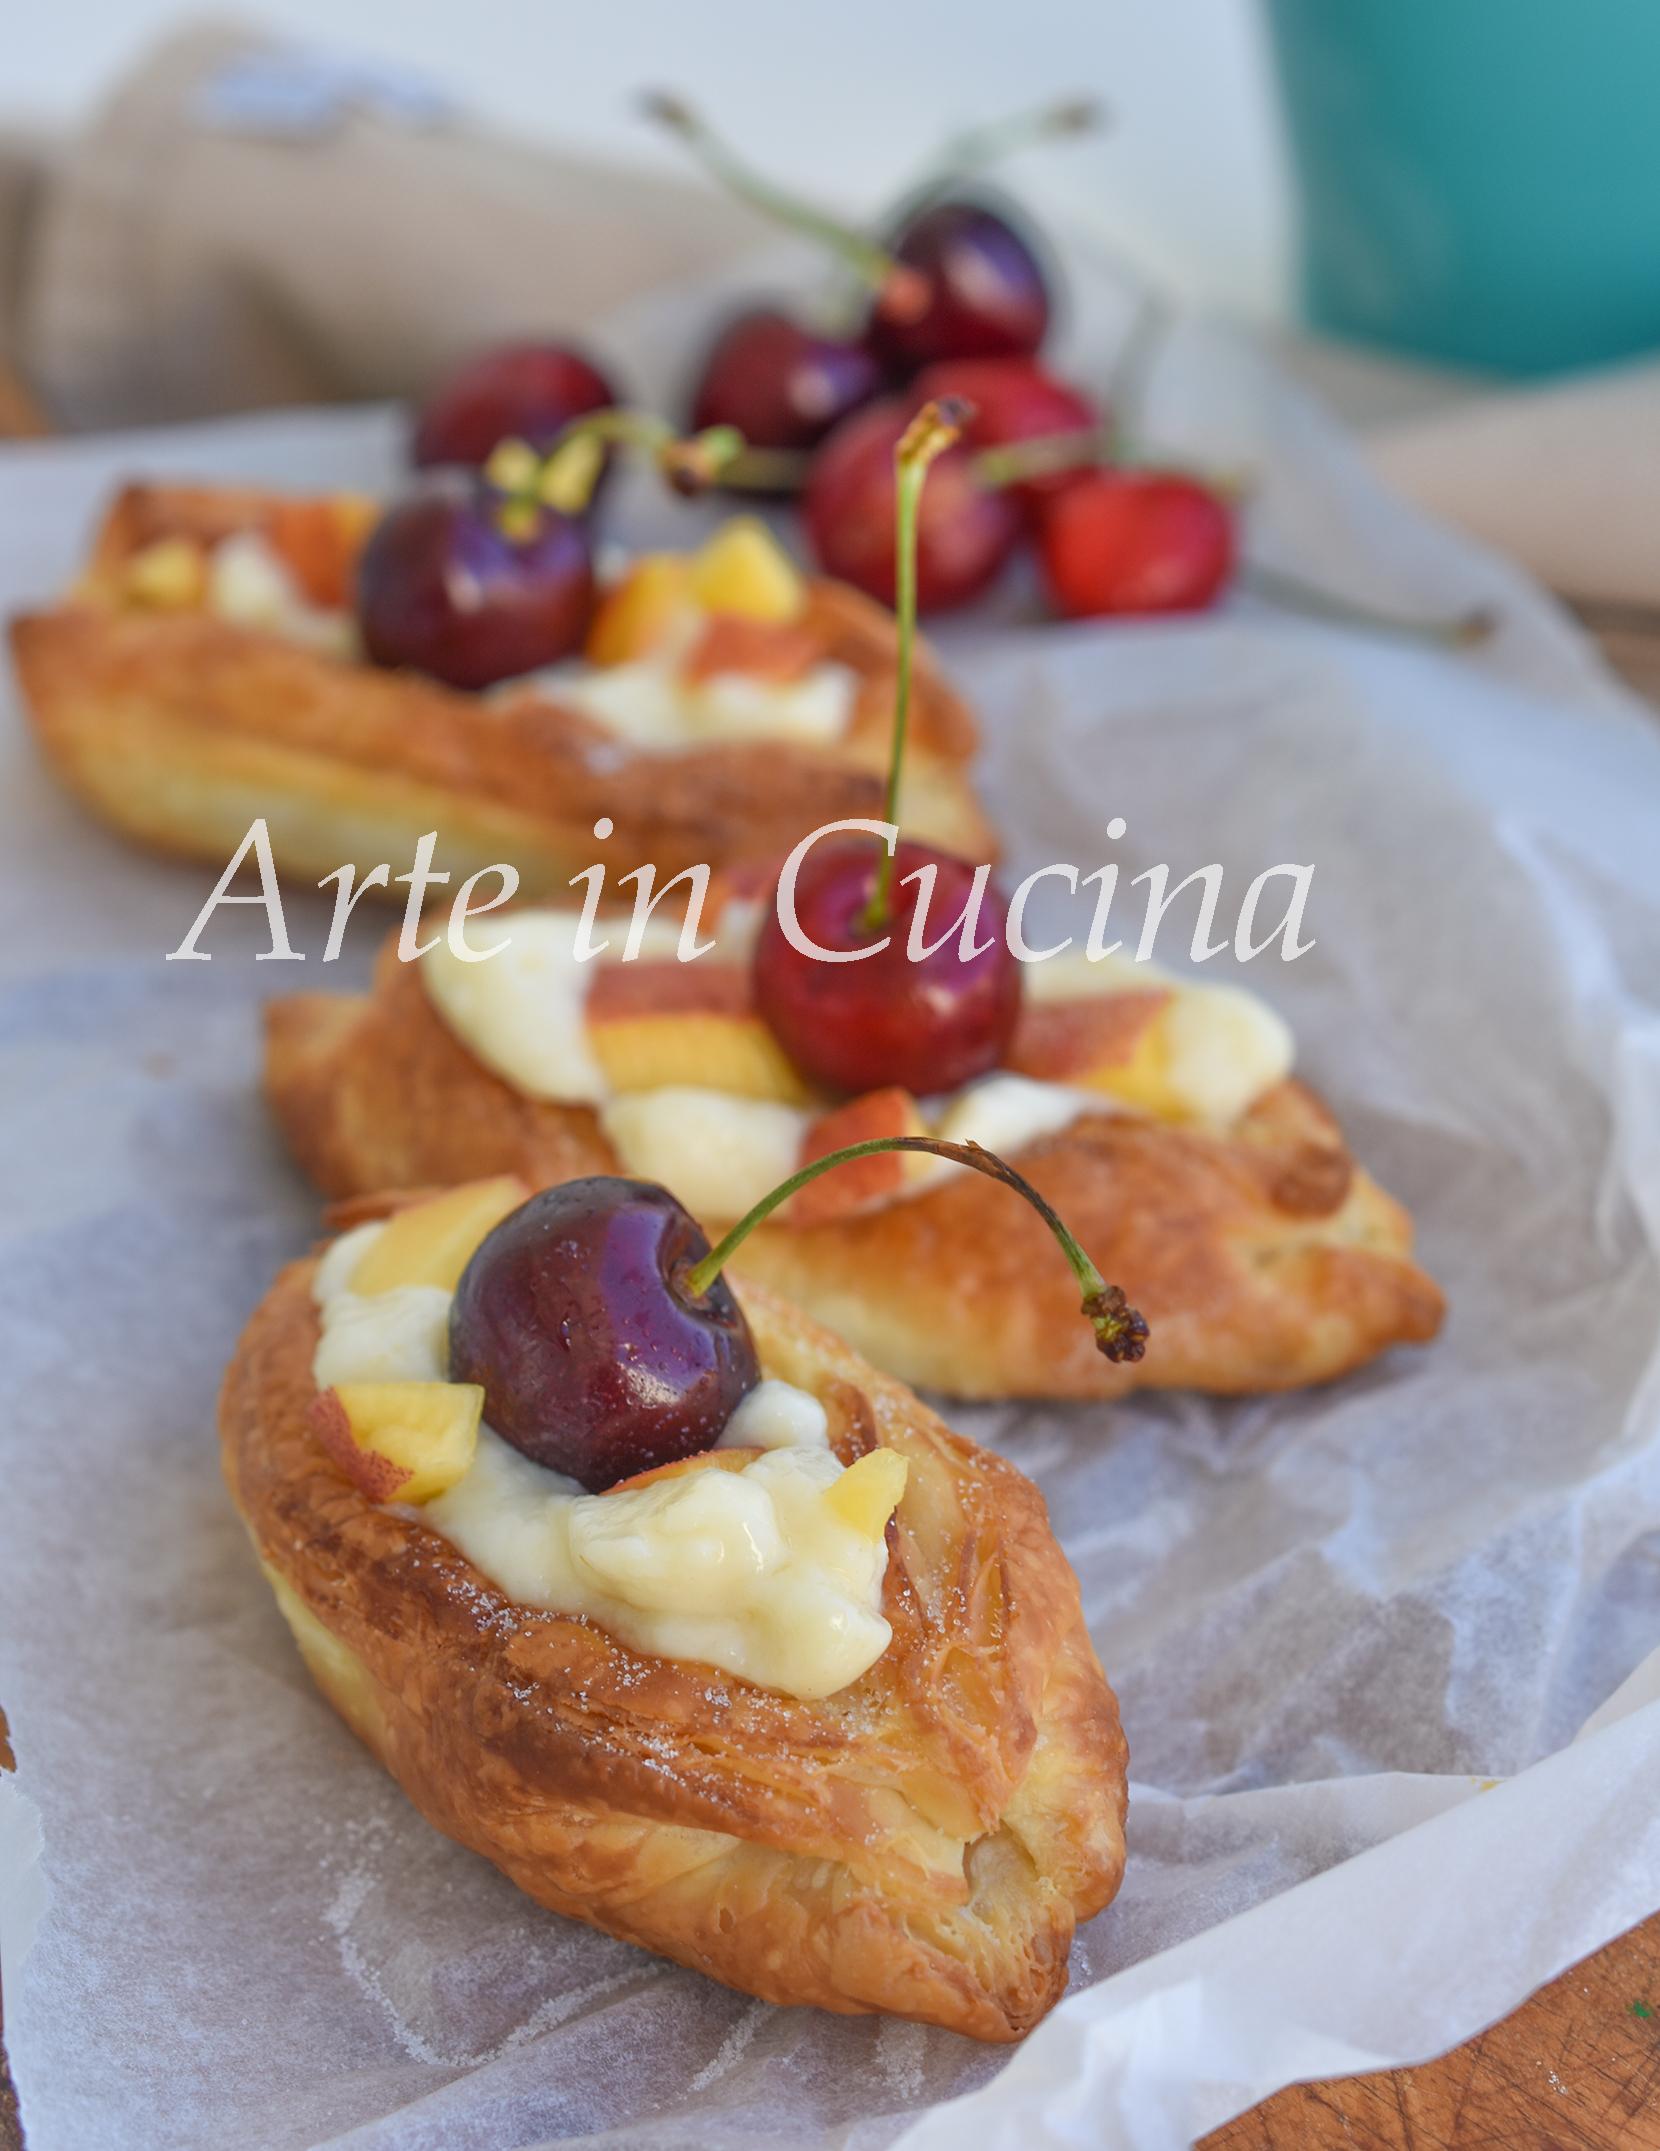 Barchette di sfoglia alla crema e frutta vickyart arte in cucina